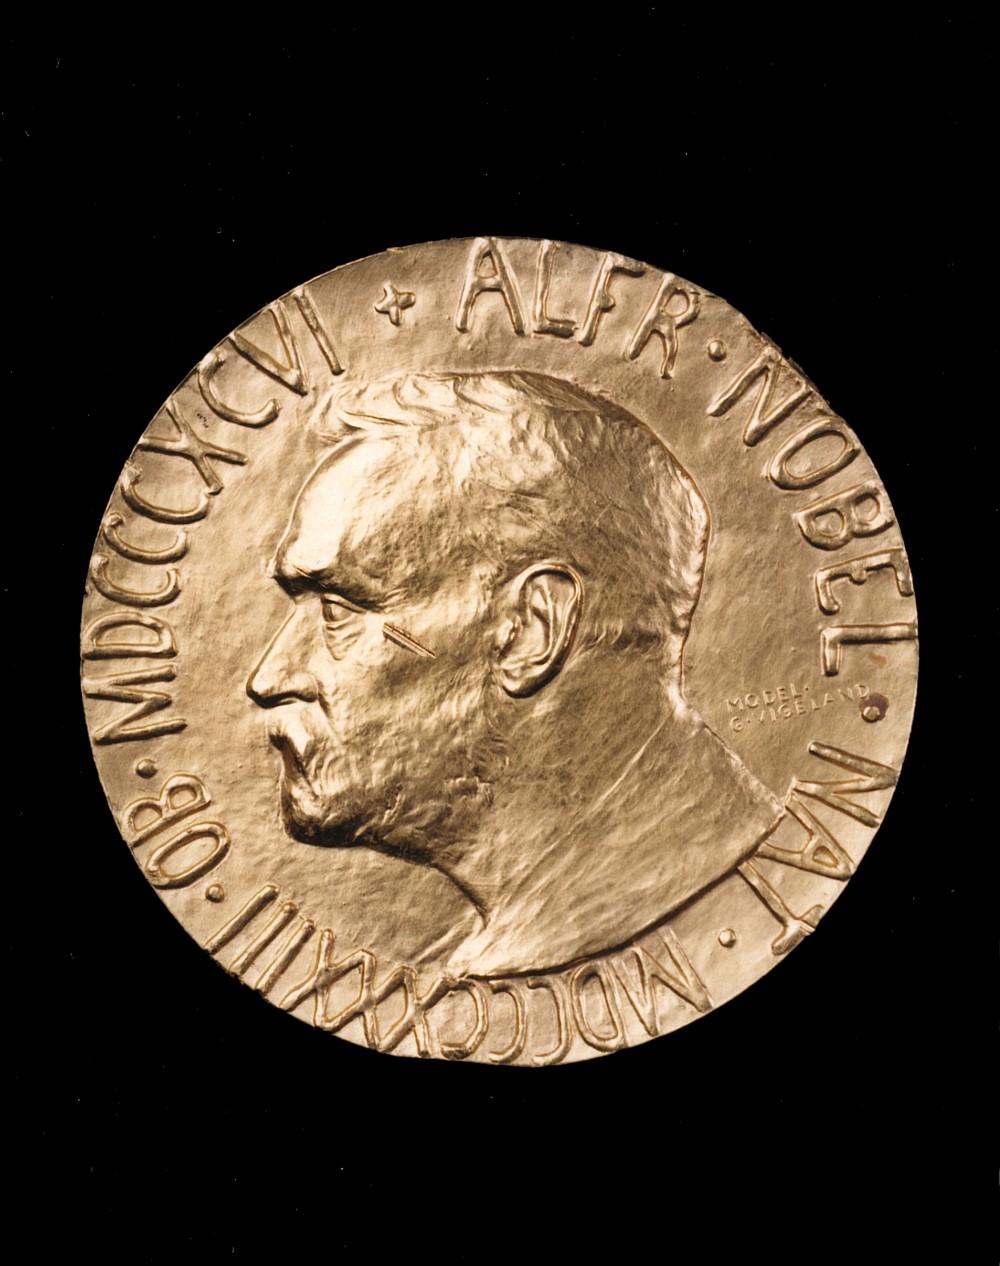 LSF (1947) Nobel Peace Prize obv